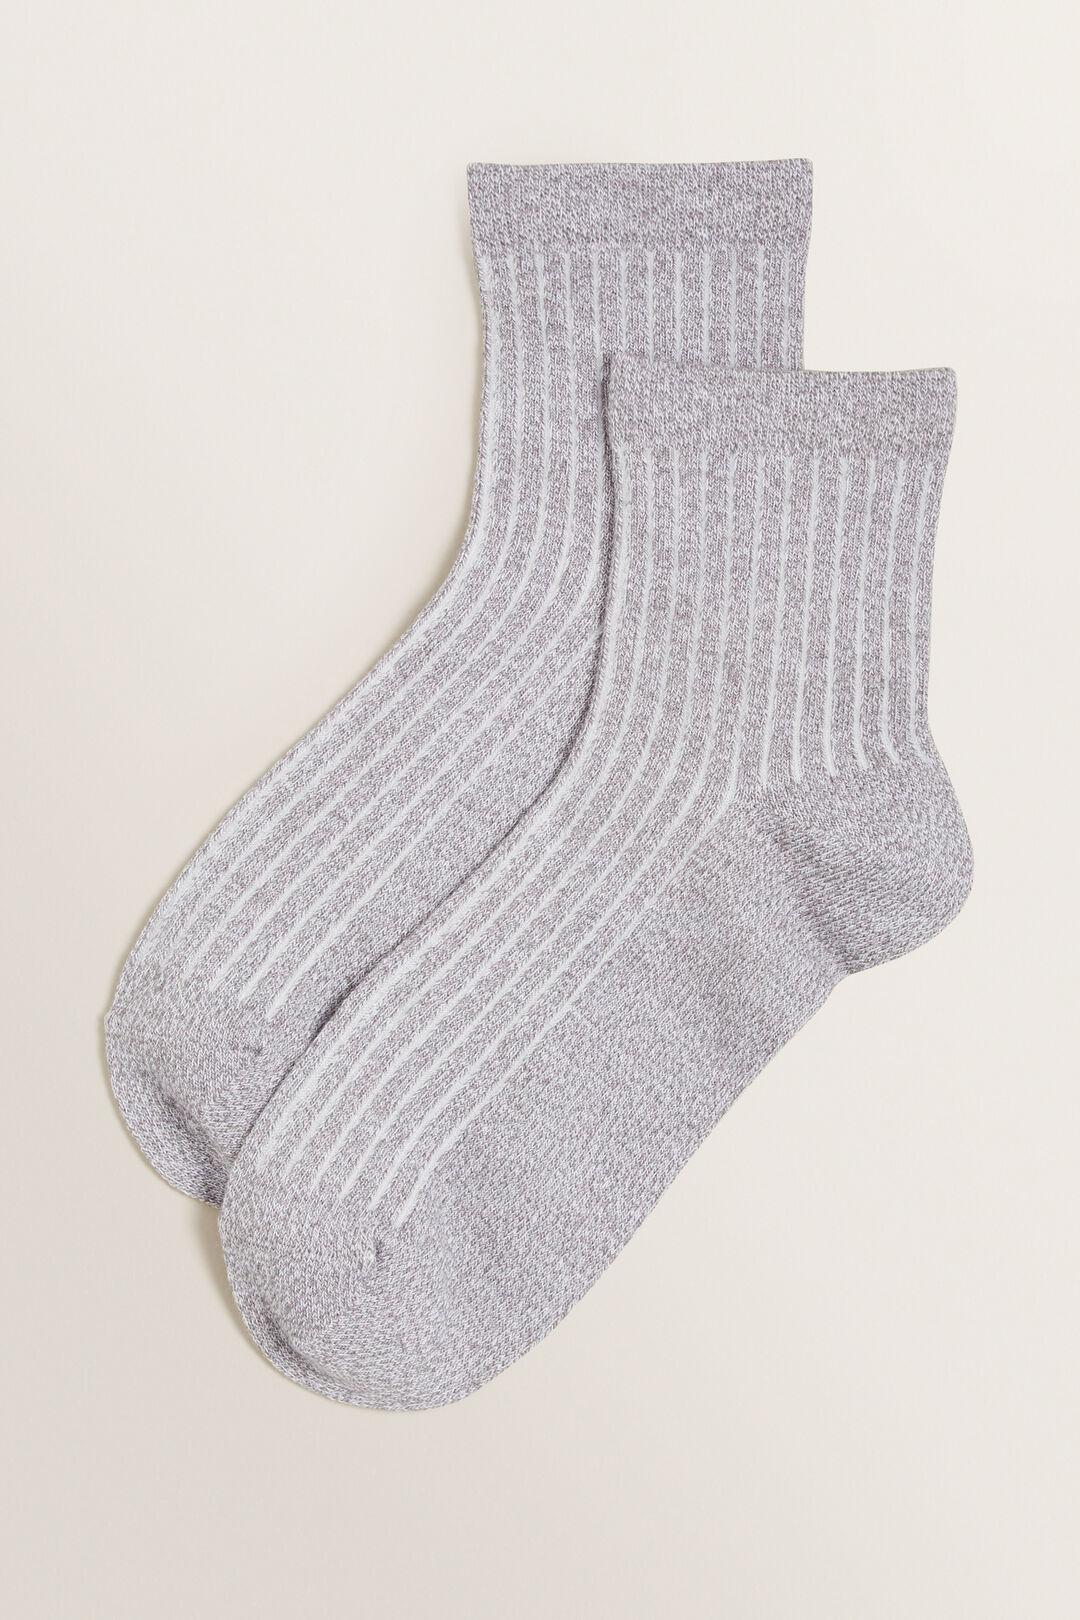 1/4 Crew Socks  GREY  hi-res